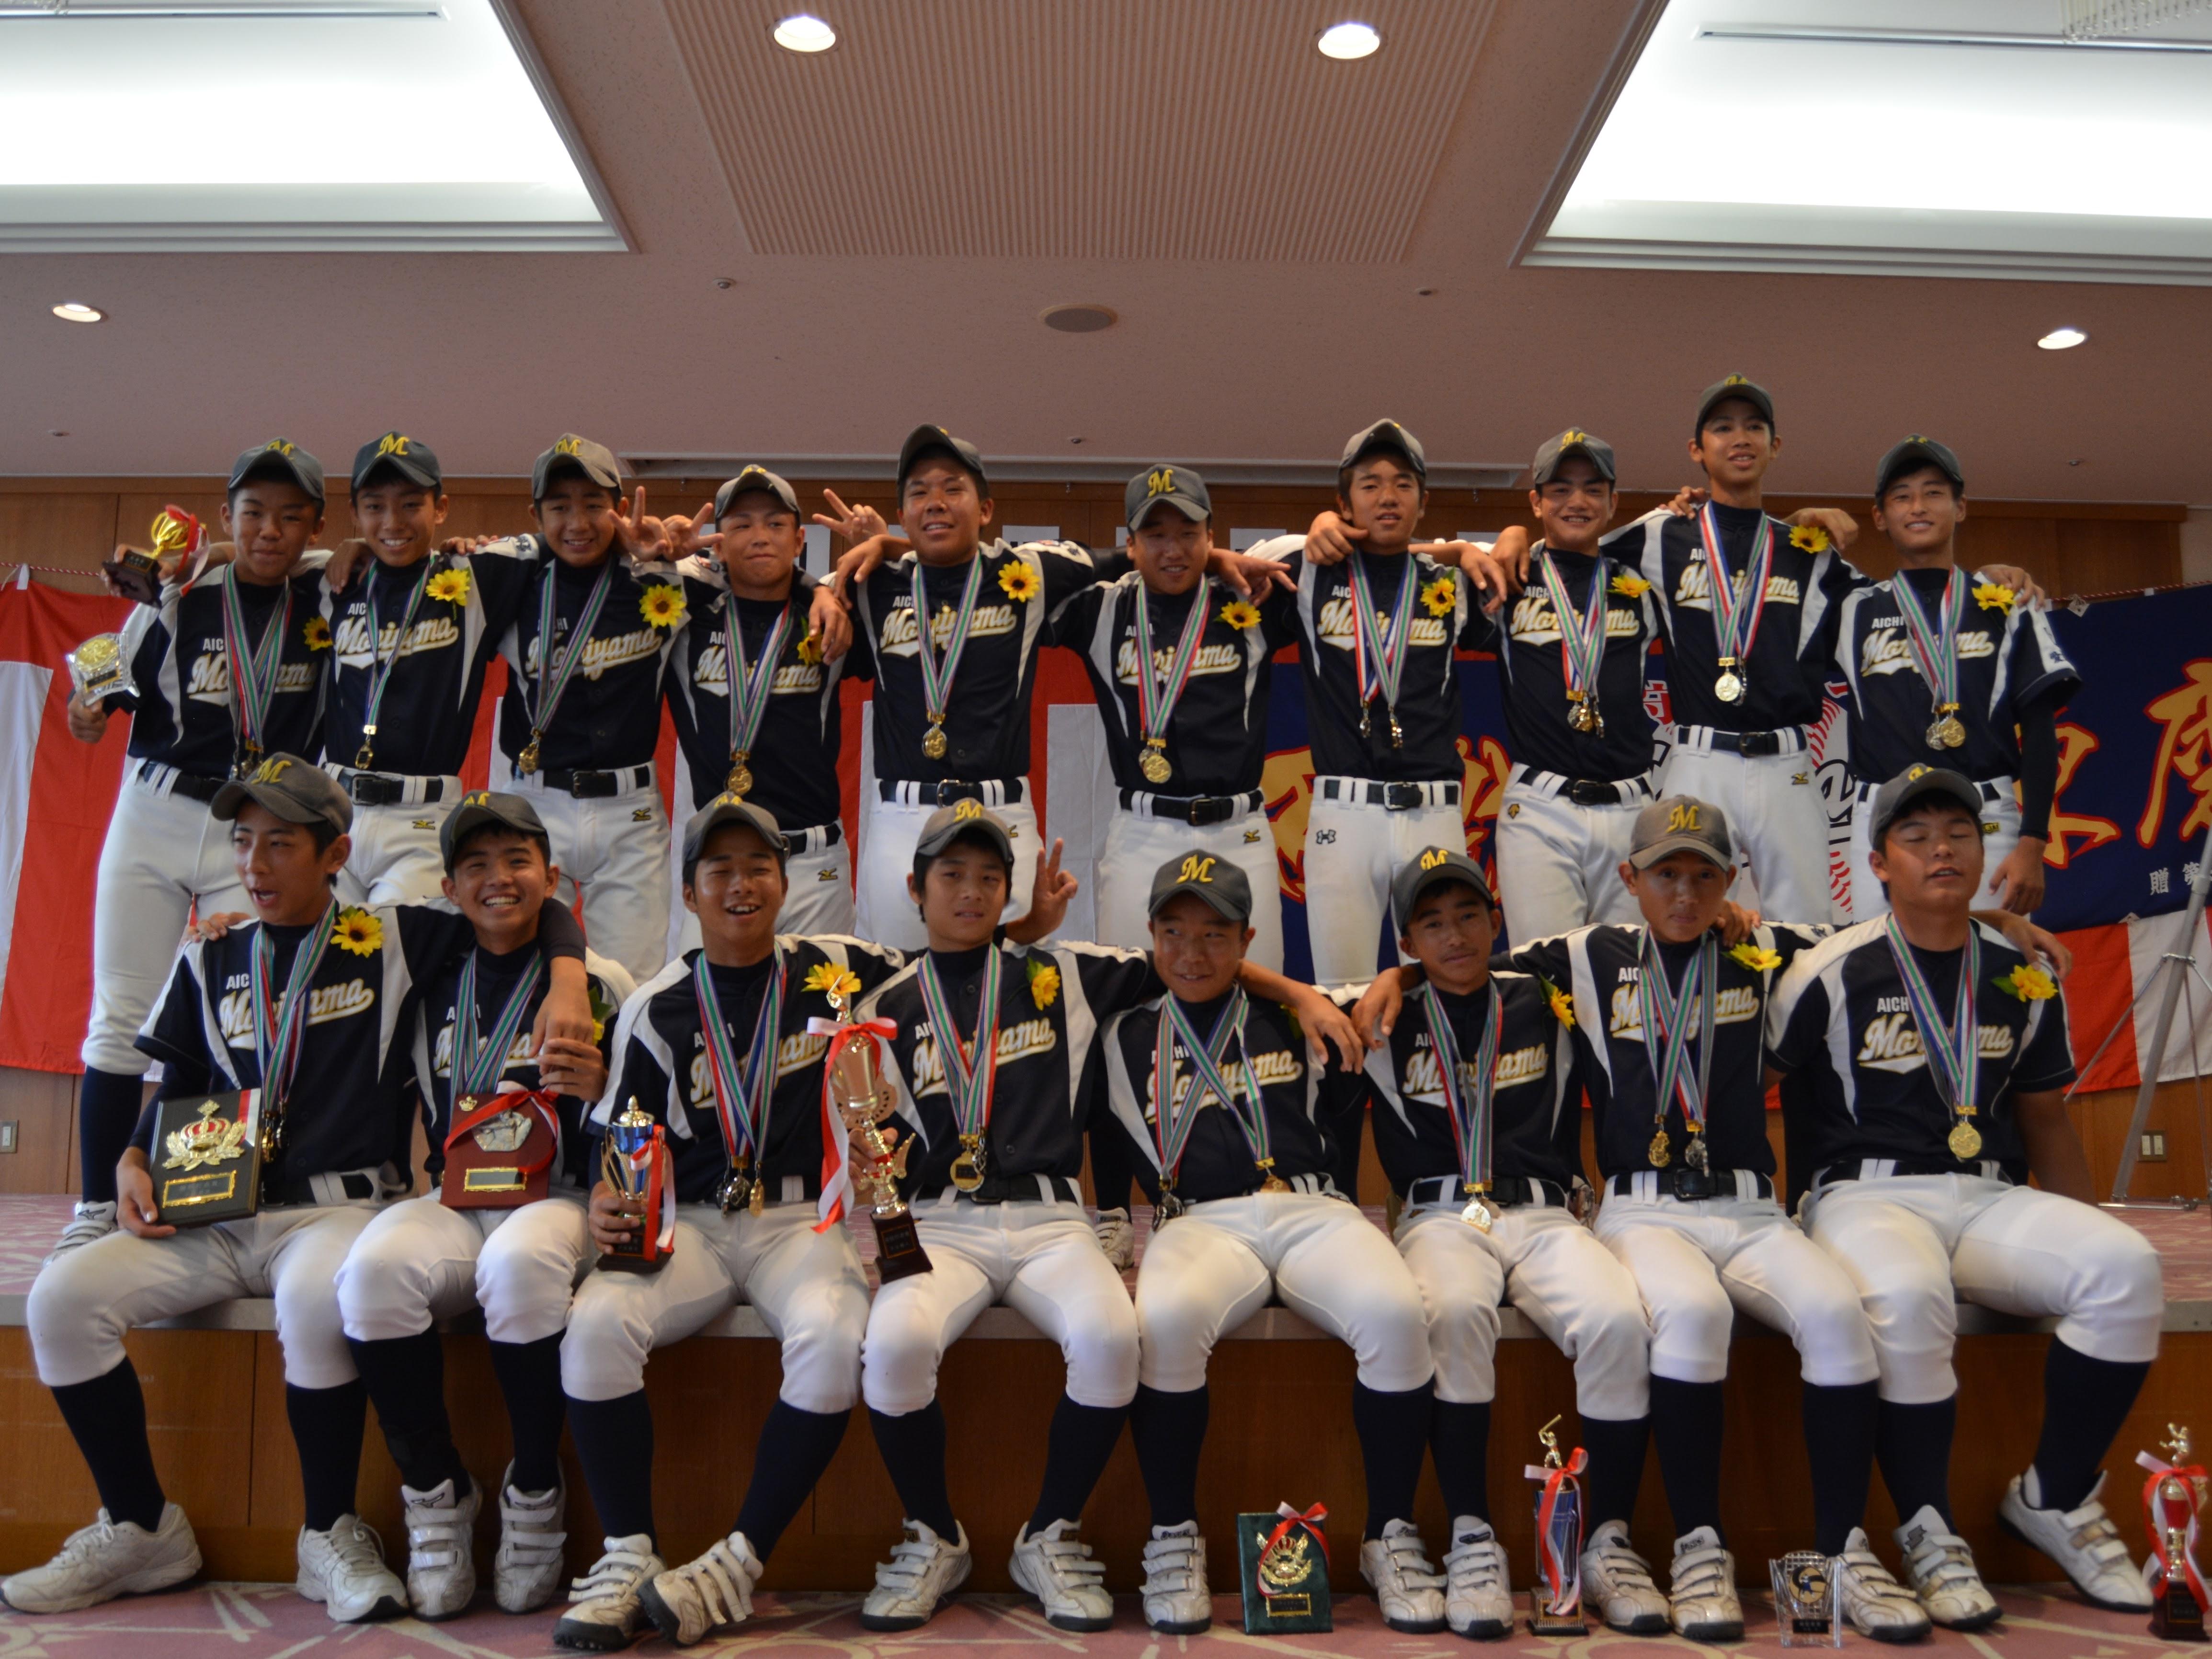 平成28年8月21日卒団式 (61)